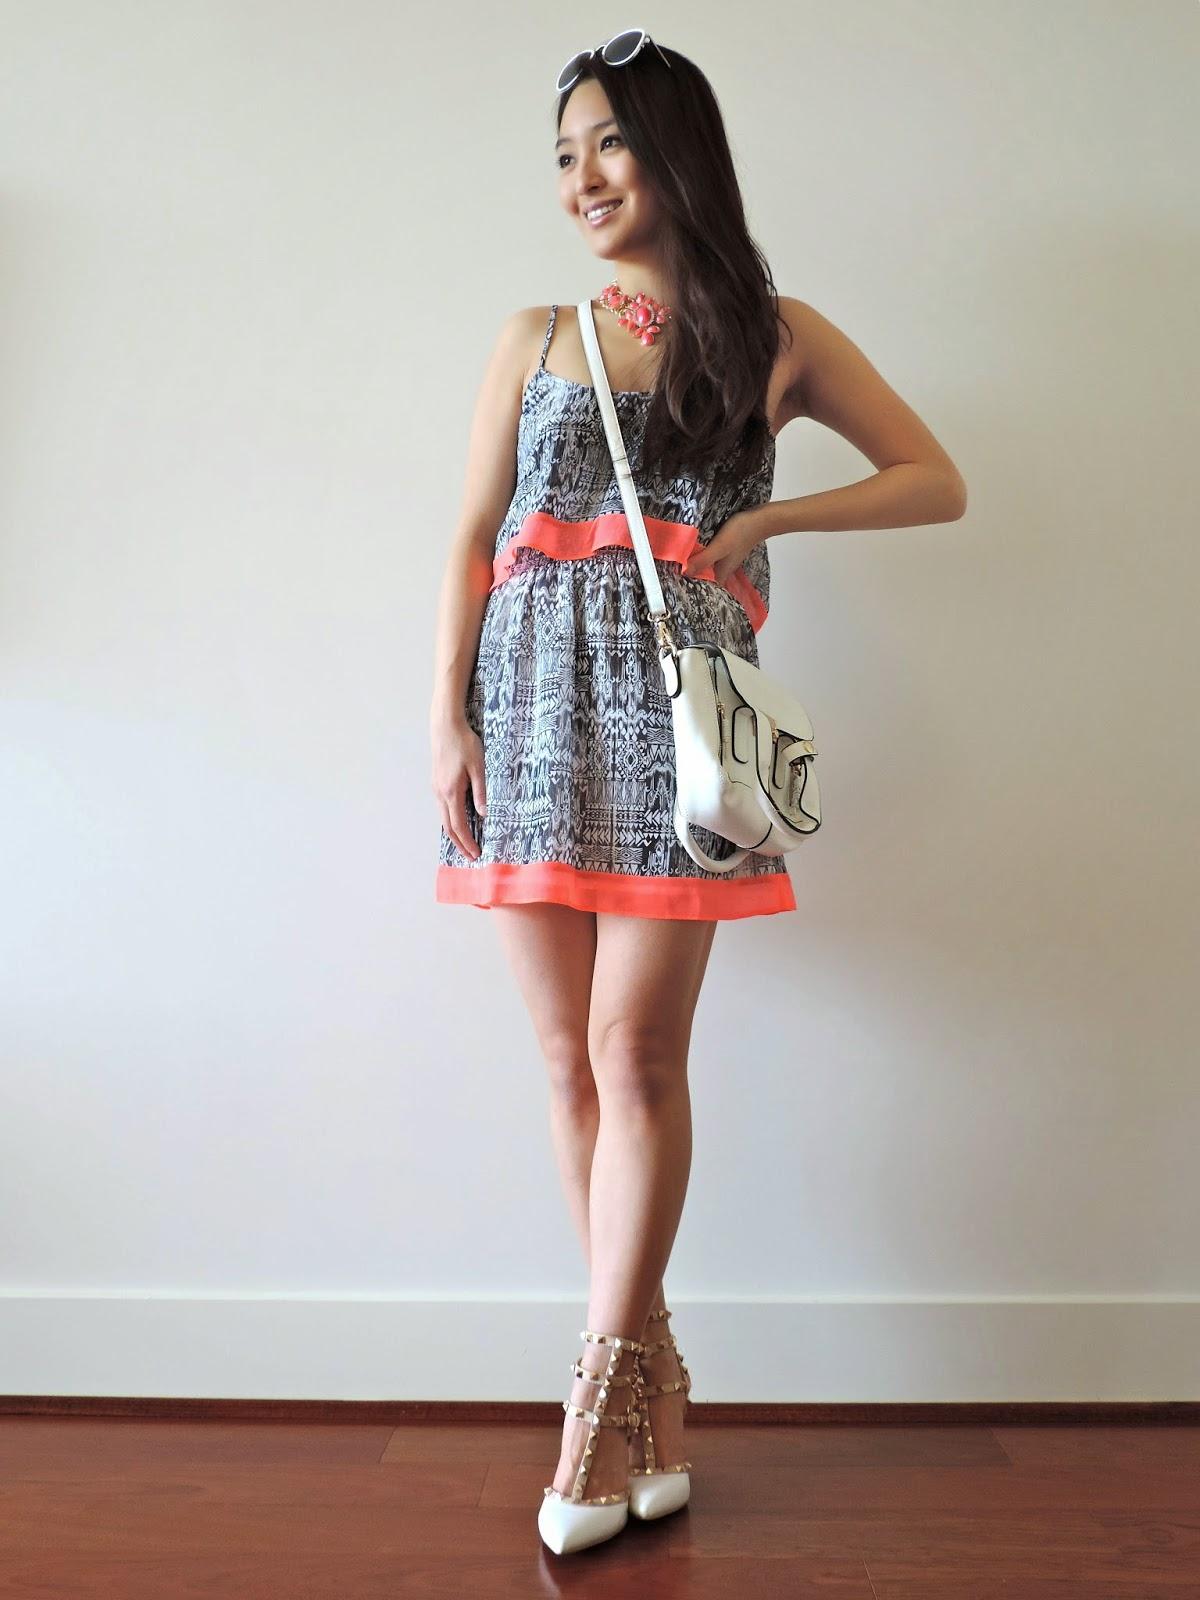 The Tiered Chiffon Dress